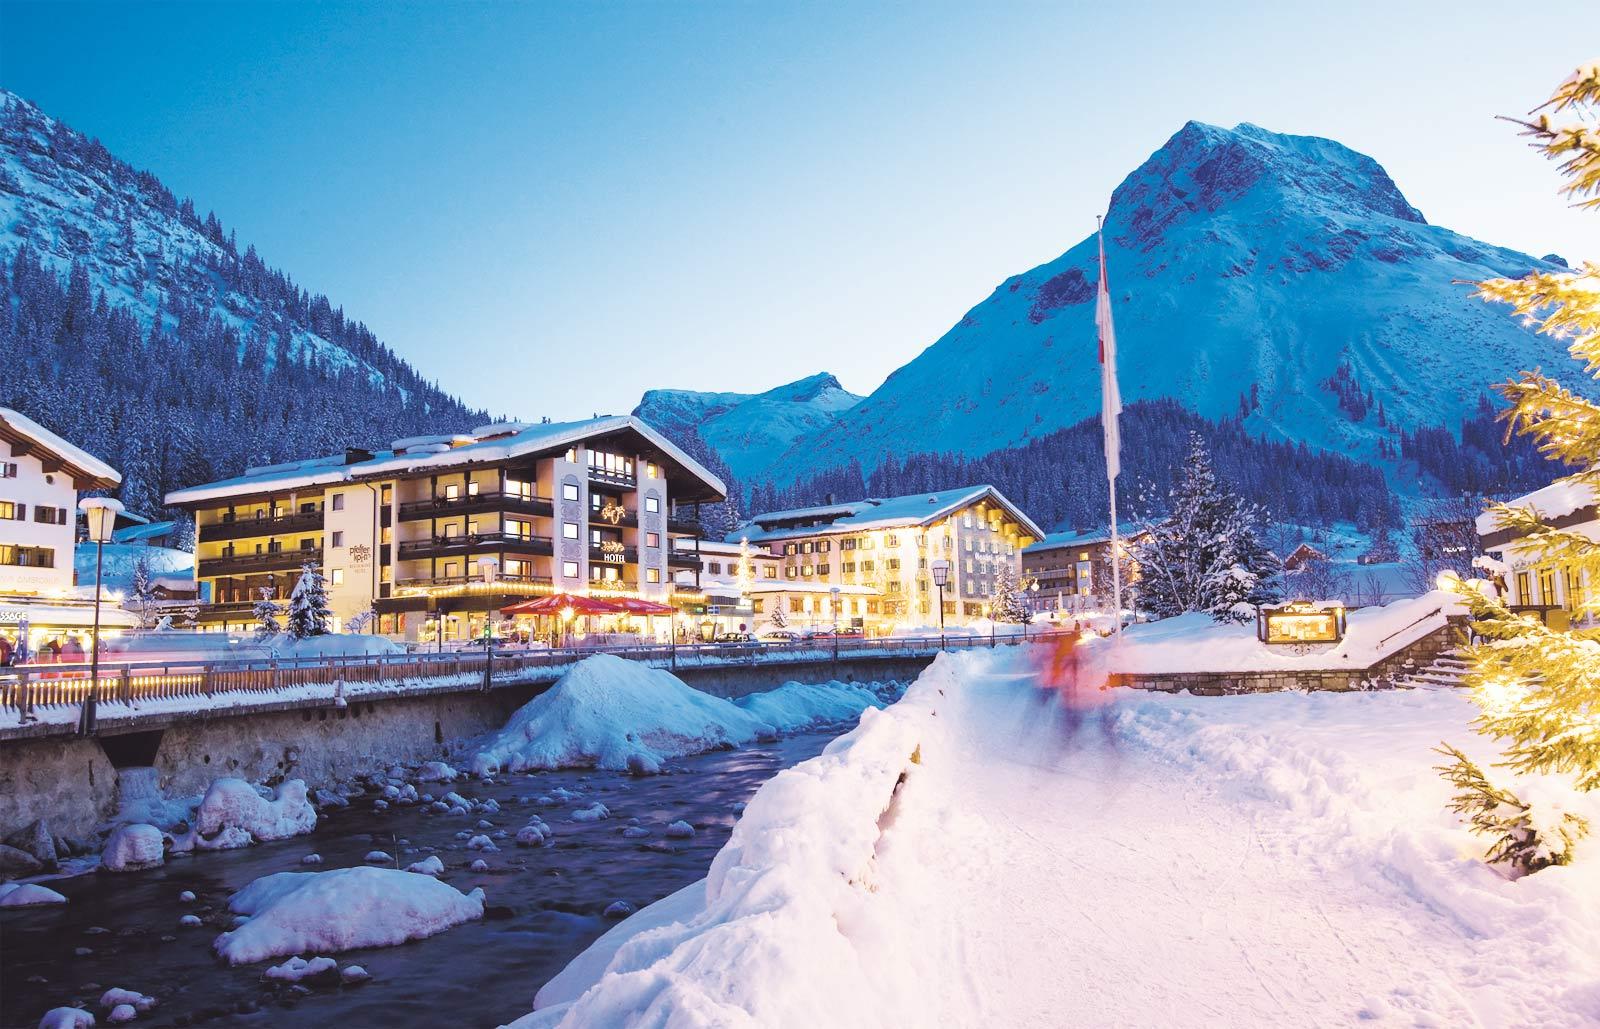 Hotel Lech am Arlberg - Pfefferkorn's